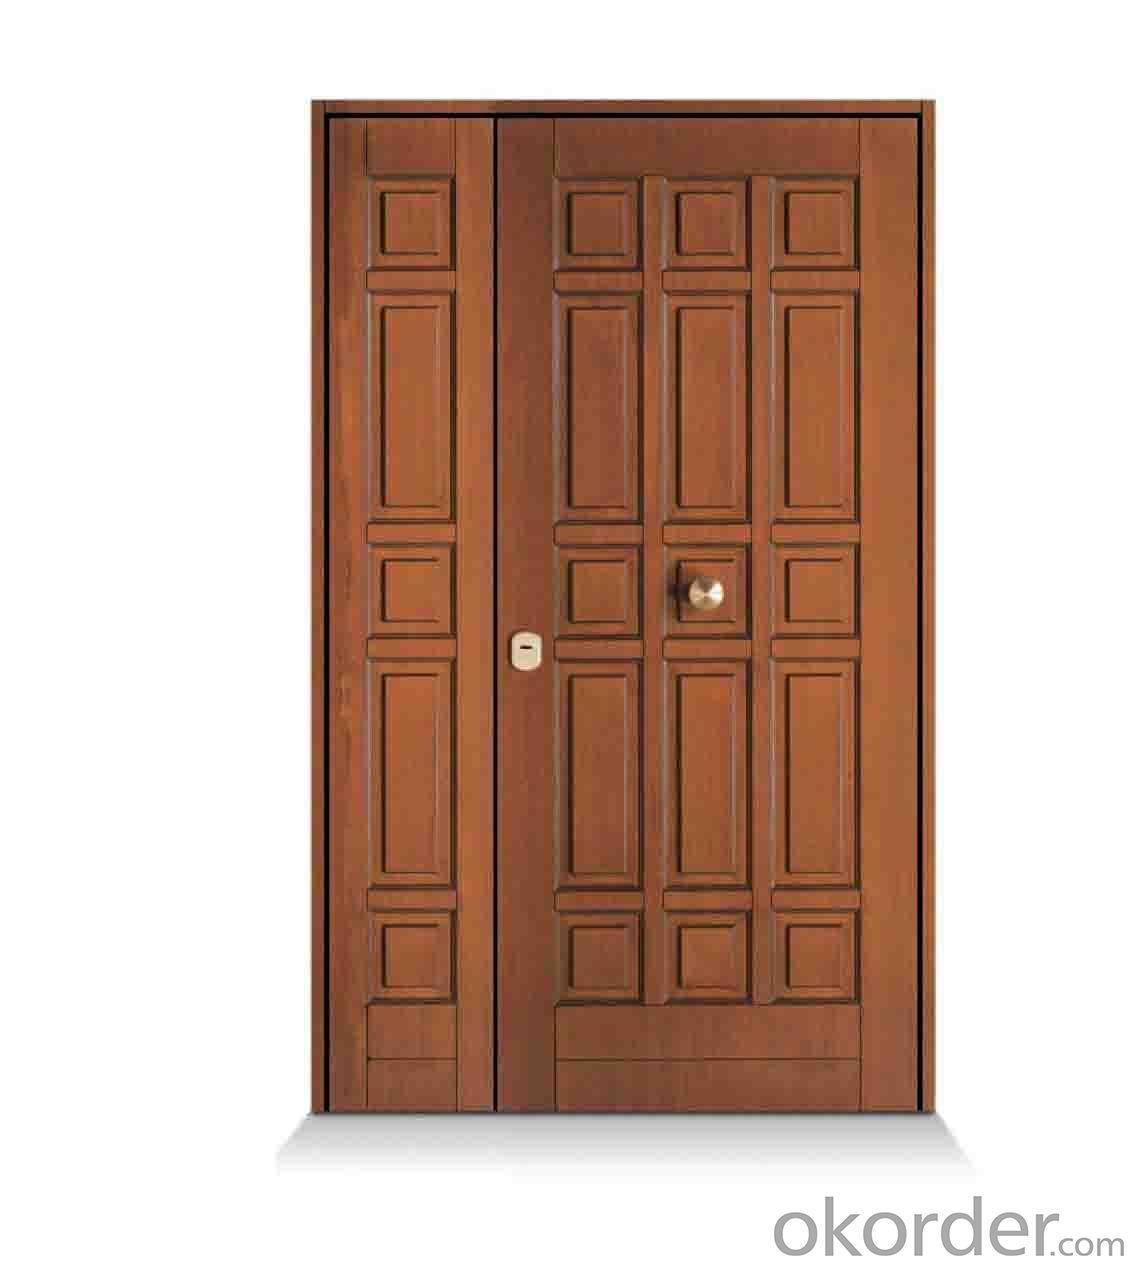 Iron Steel Security Metal Door 1712